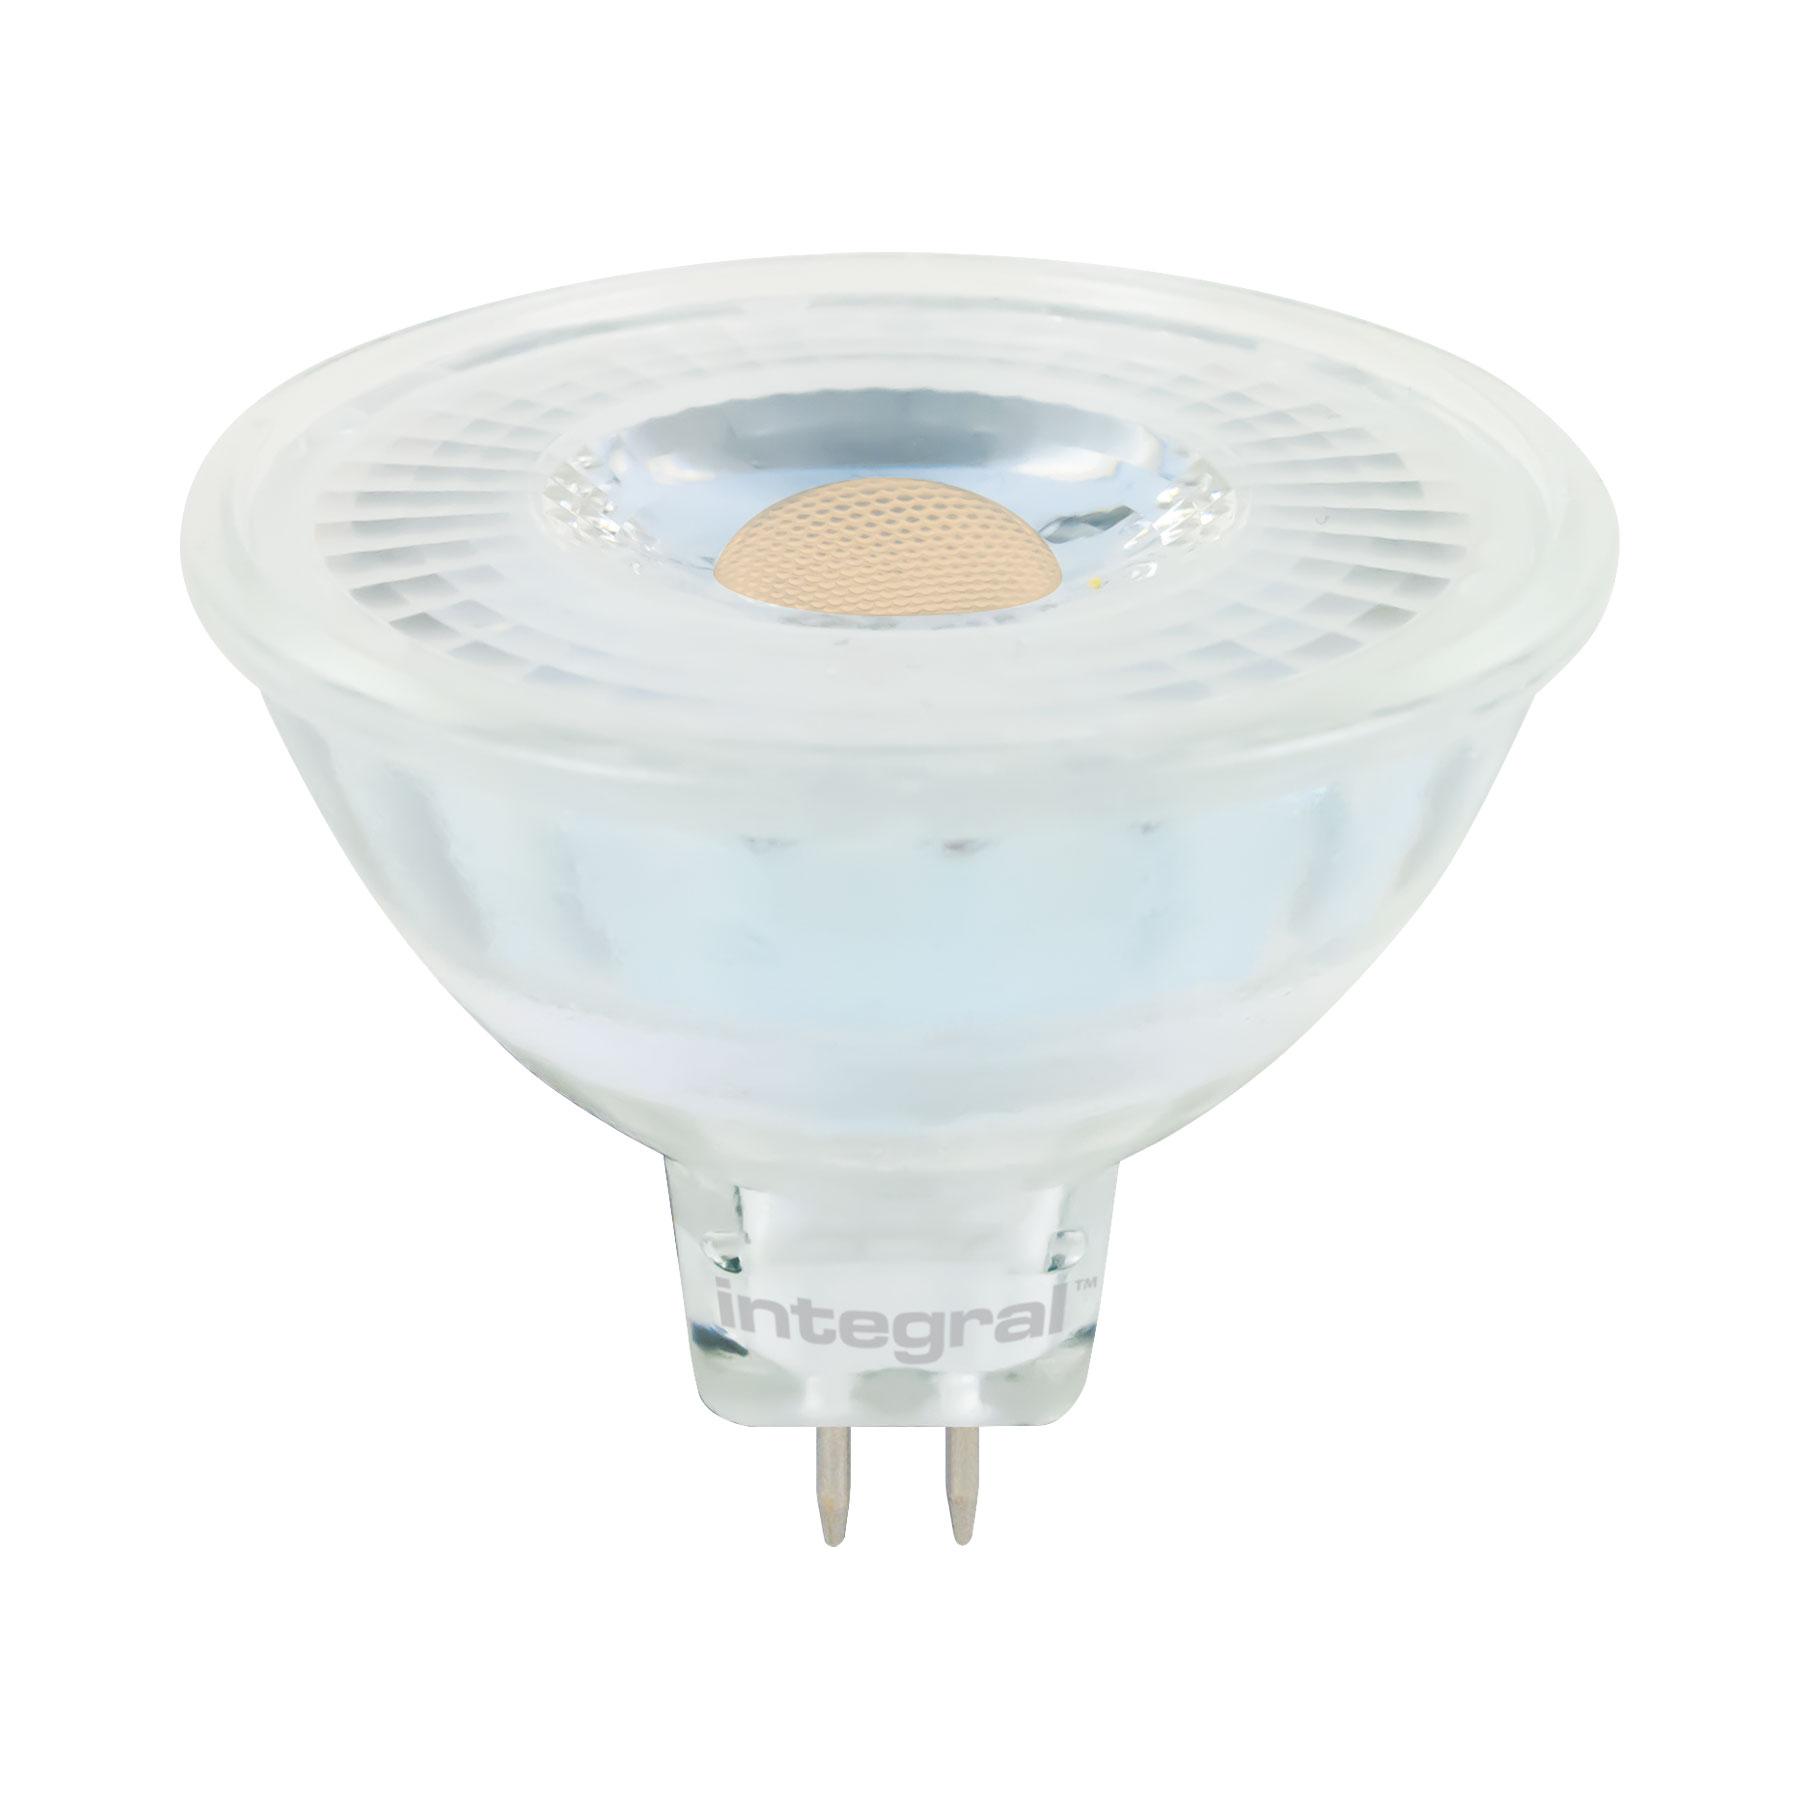 DC 12 Volt 6 Watt 2700K Warm White LED